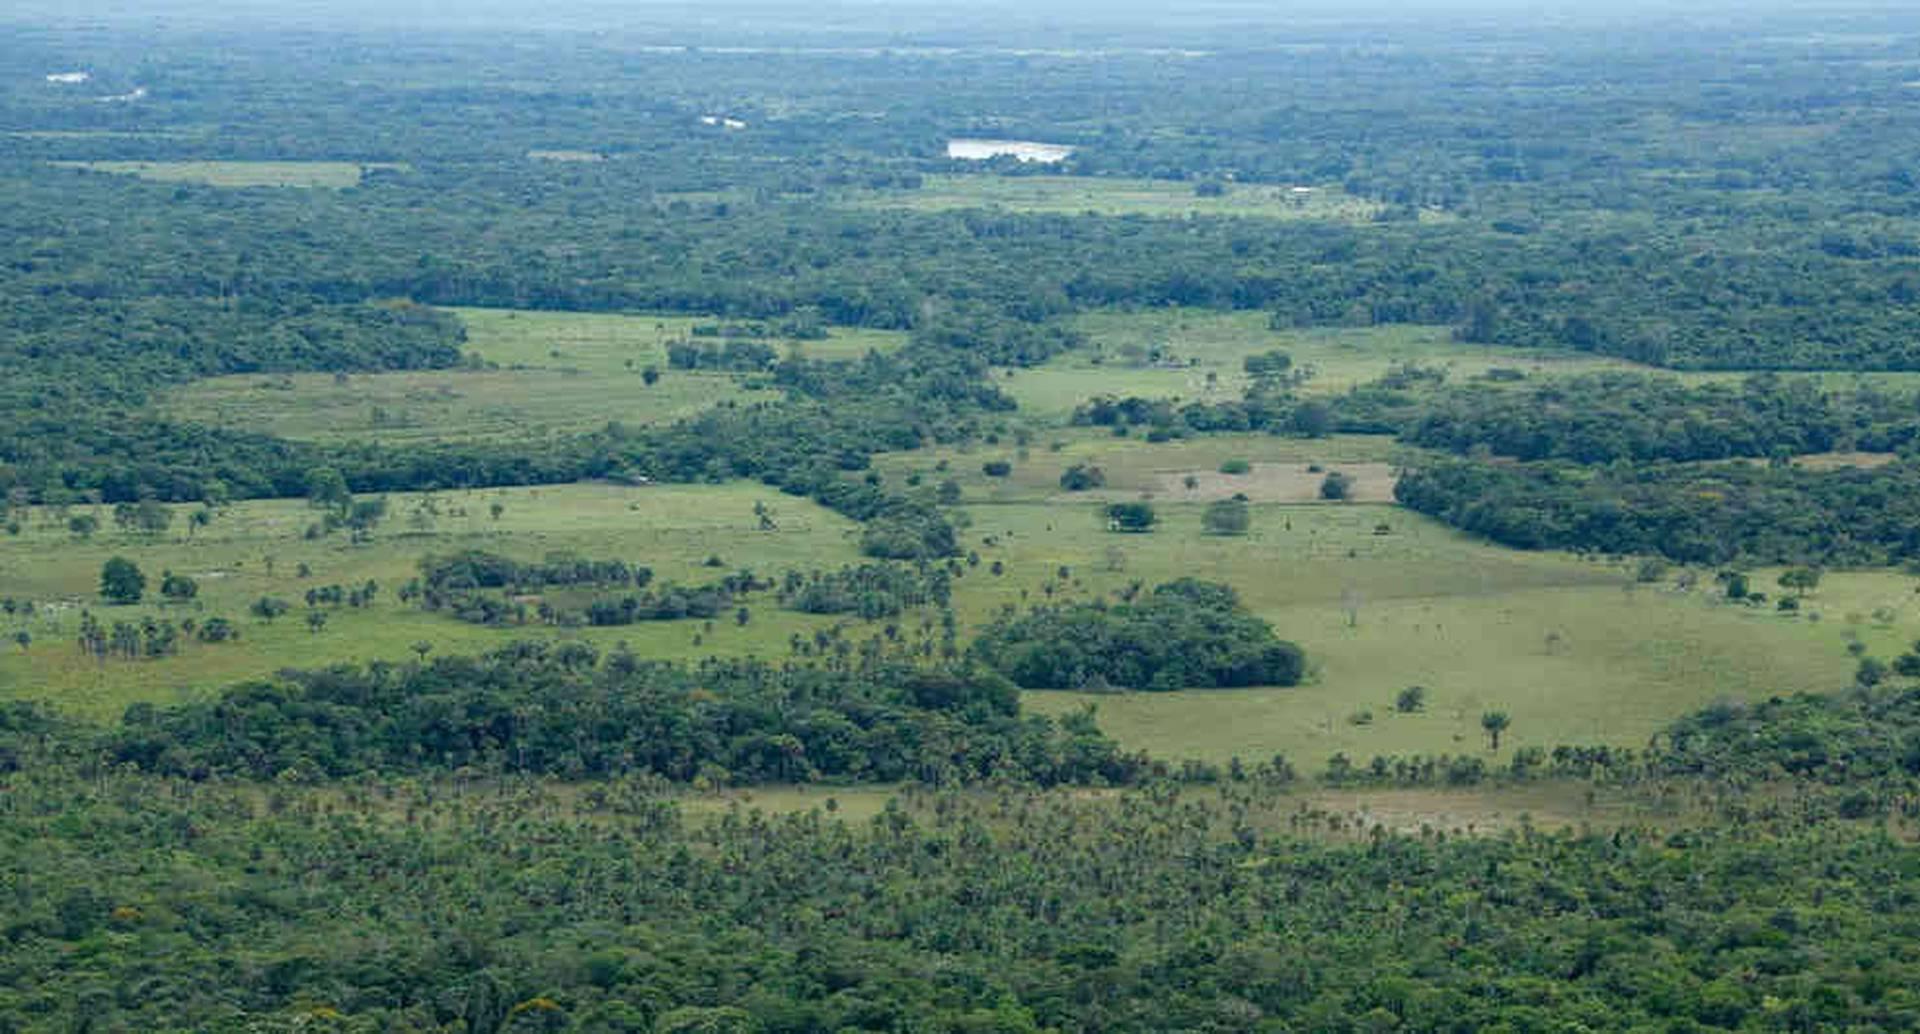 El 70% de la deforestación del país en 2018 se concentró en la Amazonia. Foto: Cormacarena.